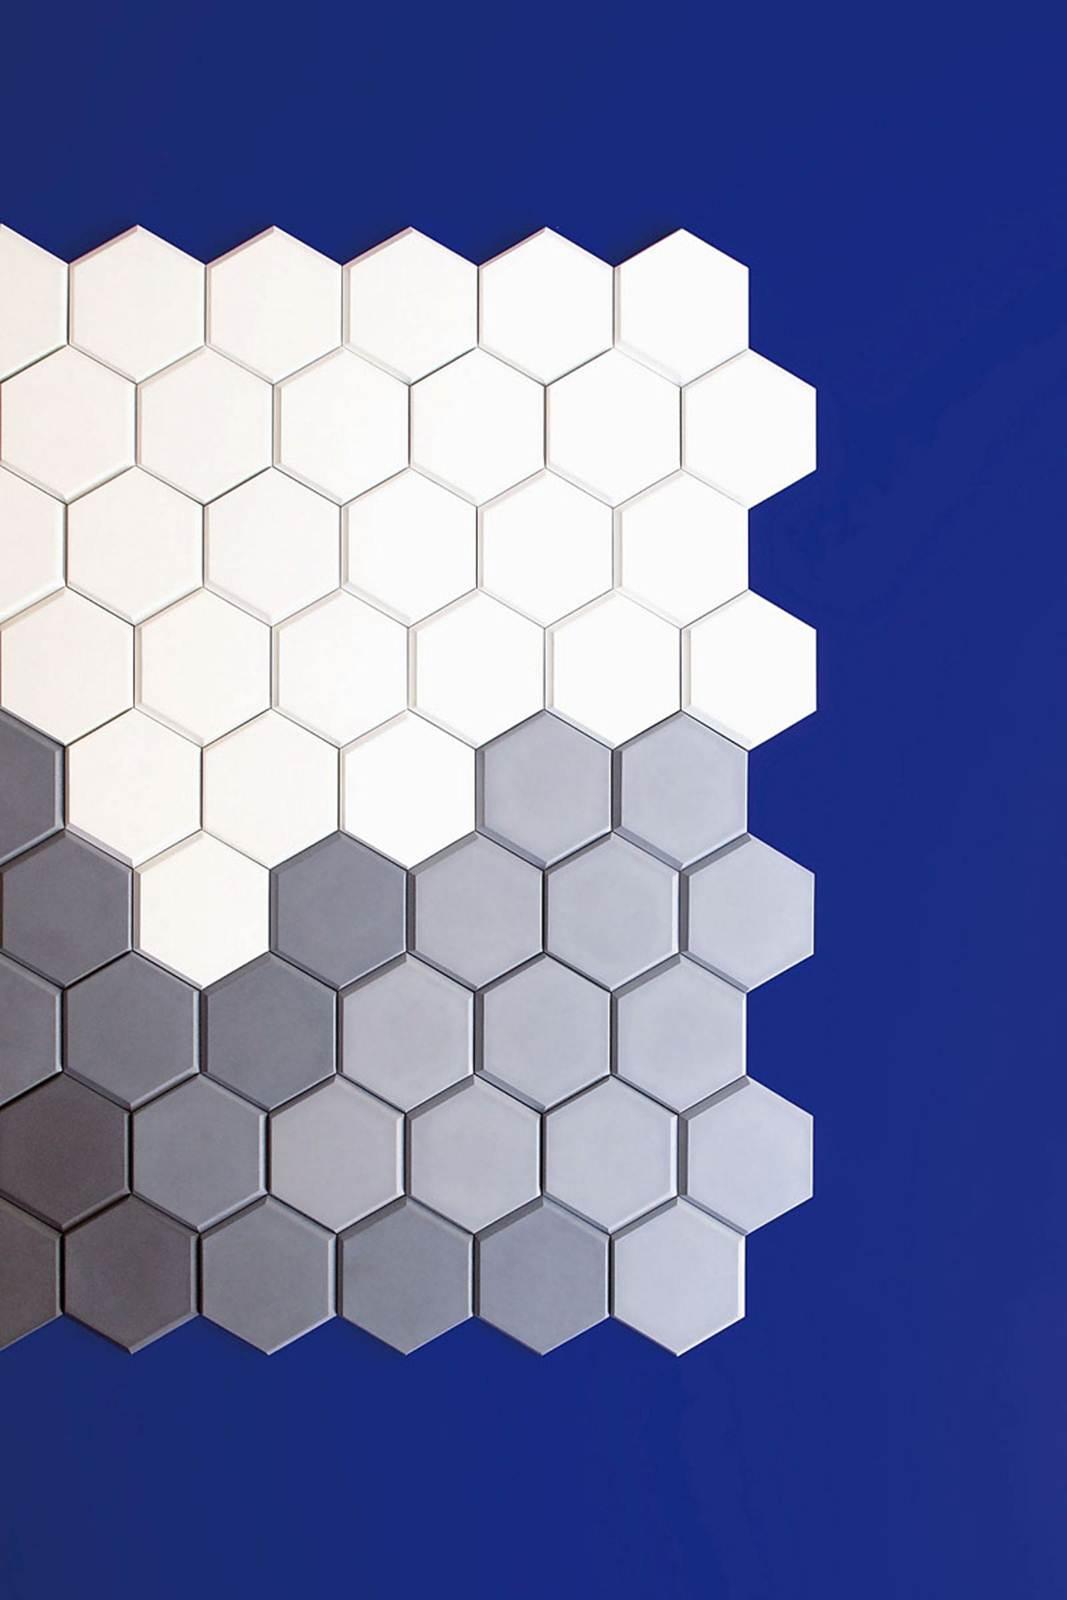 232547baoxaydung image008 Độc đáo gạch trang trí hình lục giác, ý tưởng thiết kế đặc biệt